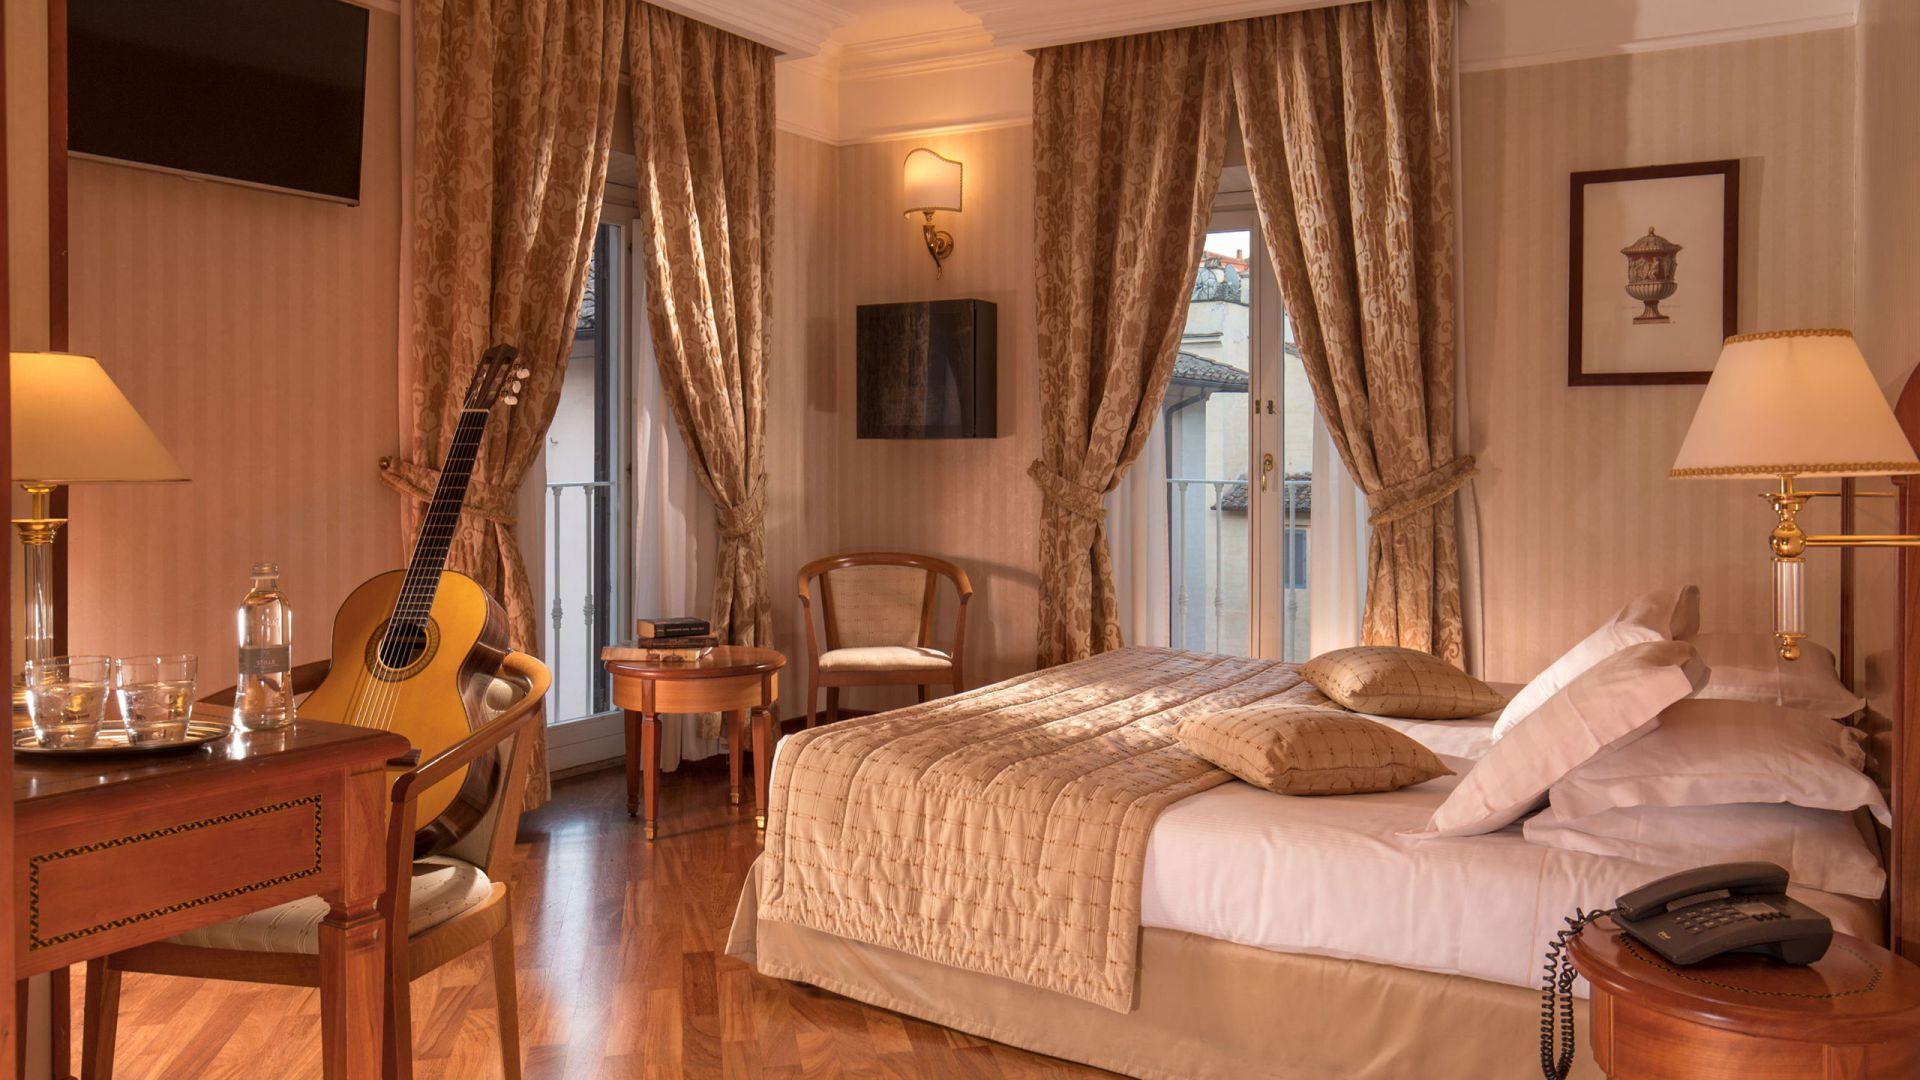 albergo-ottocento-rome-chambre-double-deluxe-06